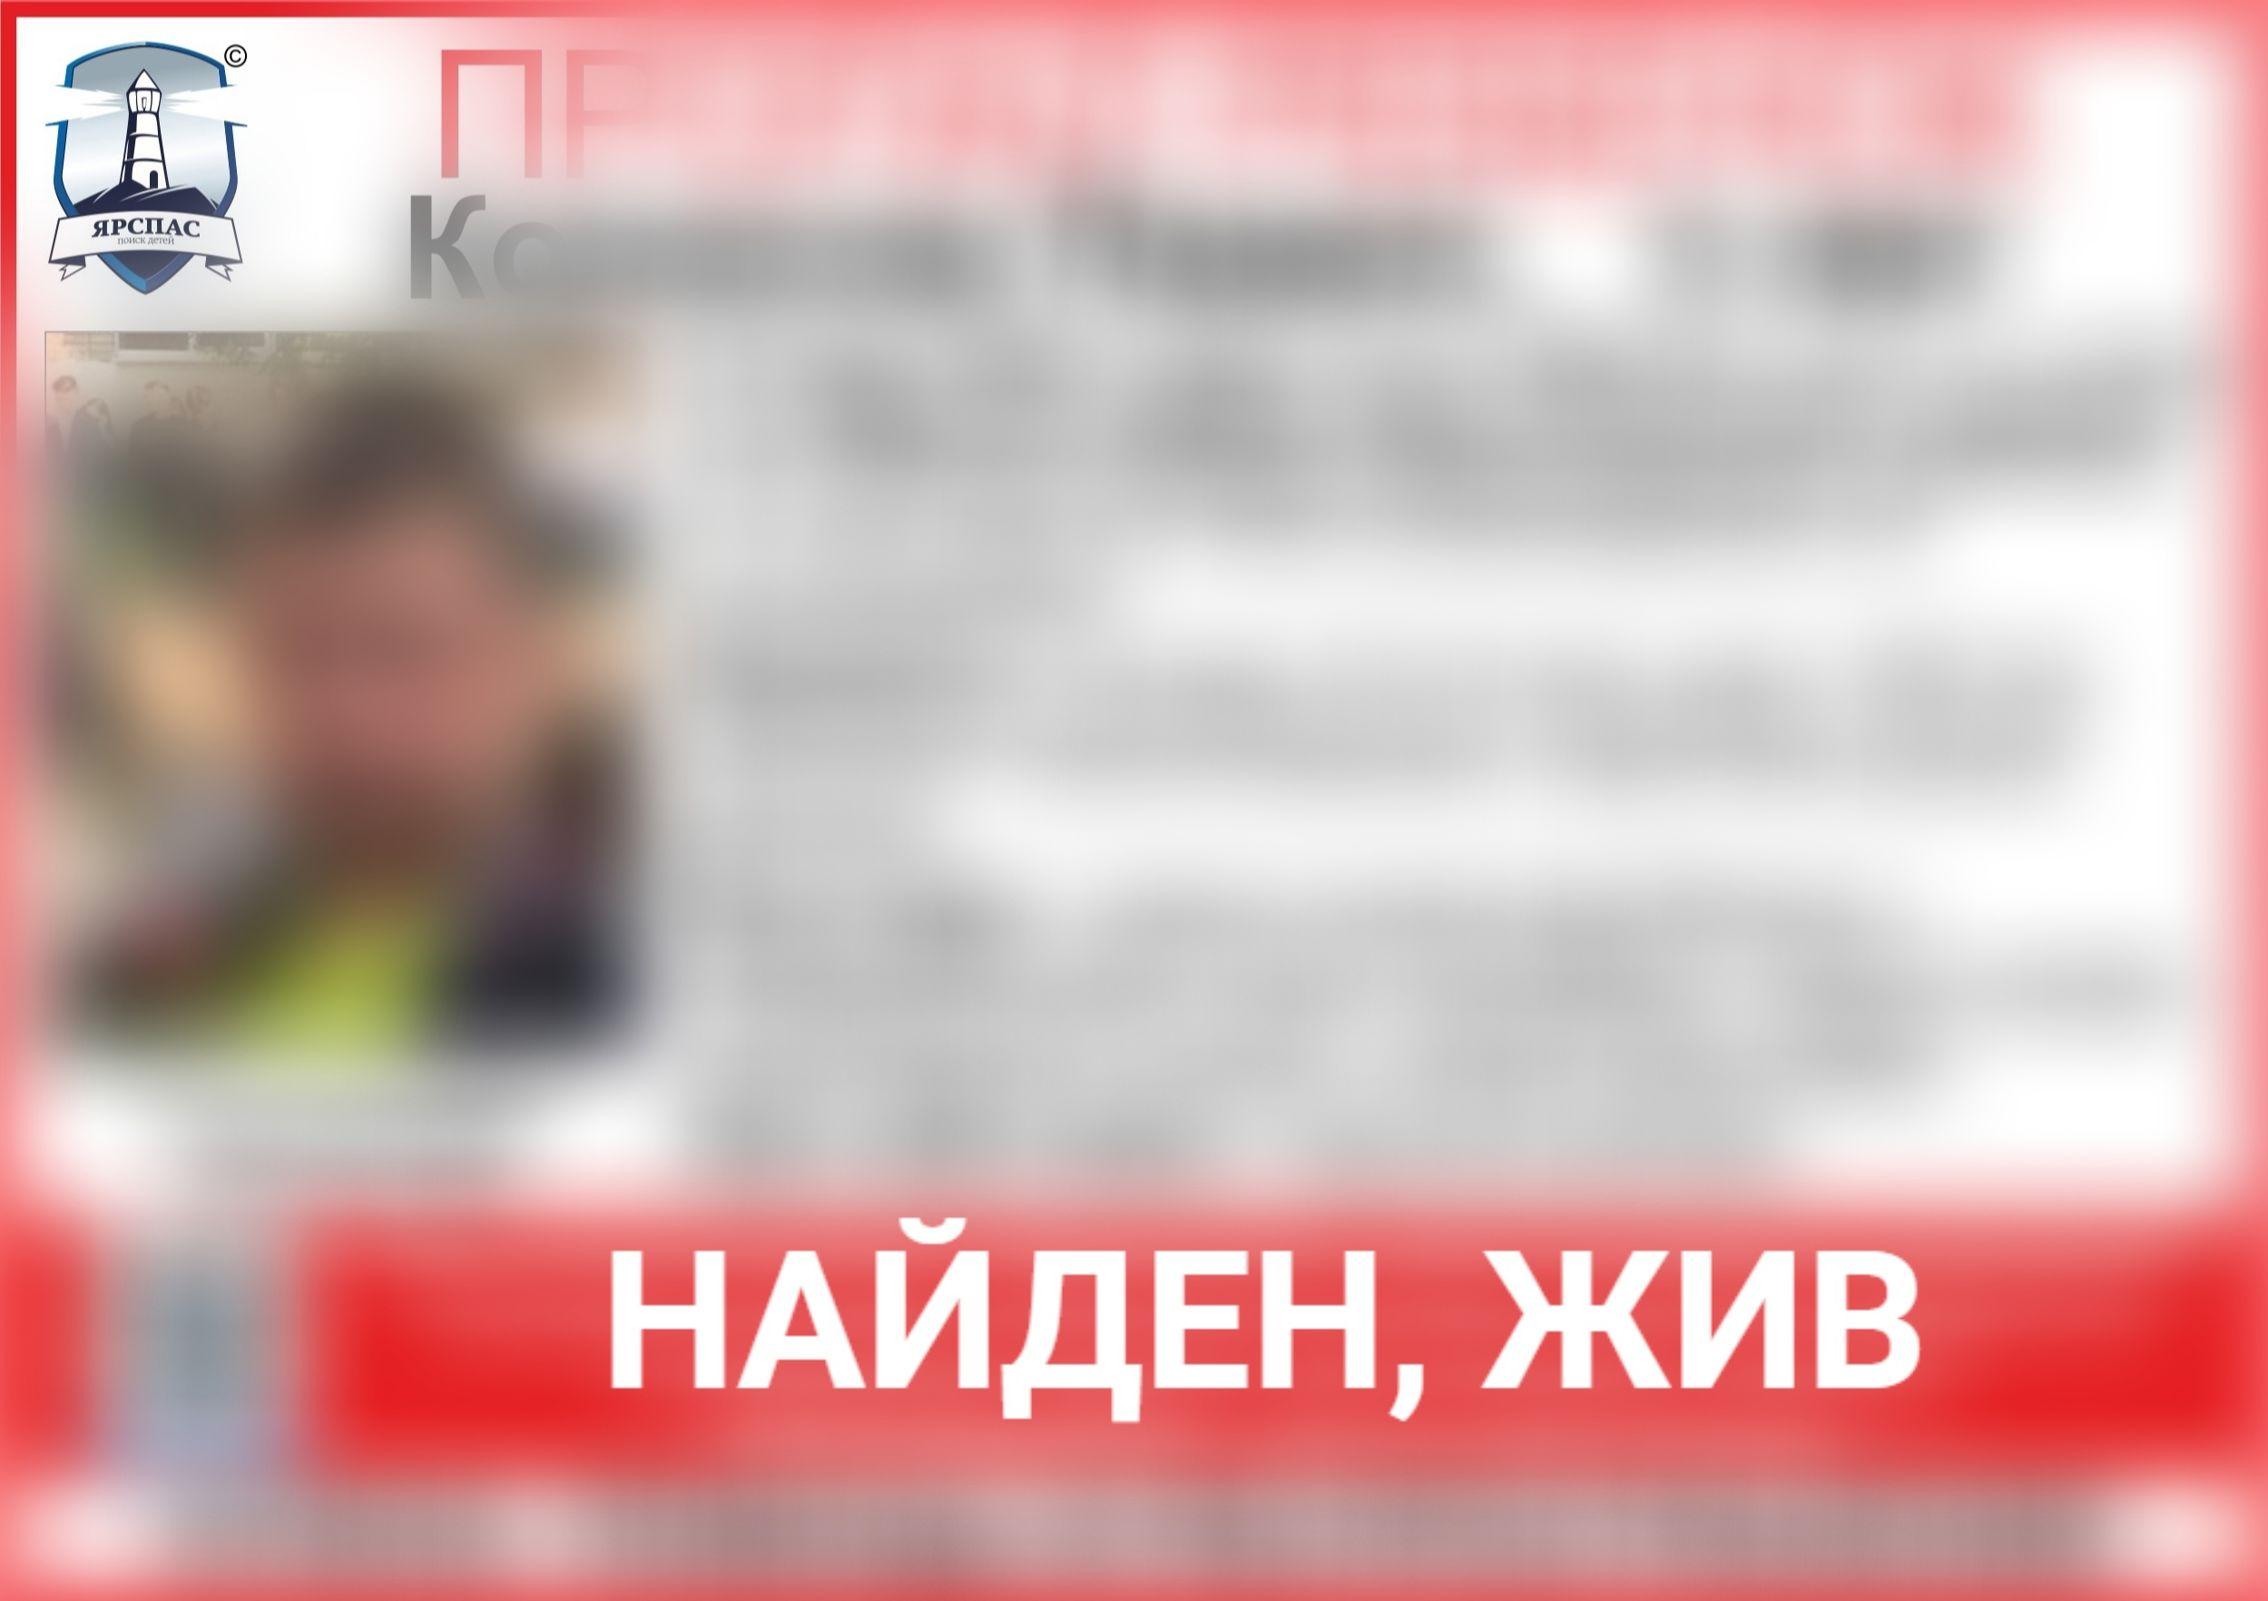 Пропавшего 10-летнего ребенка нашли у дороги по направлению к Ярославлю